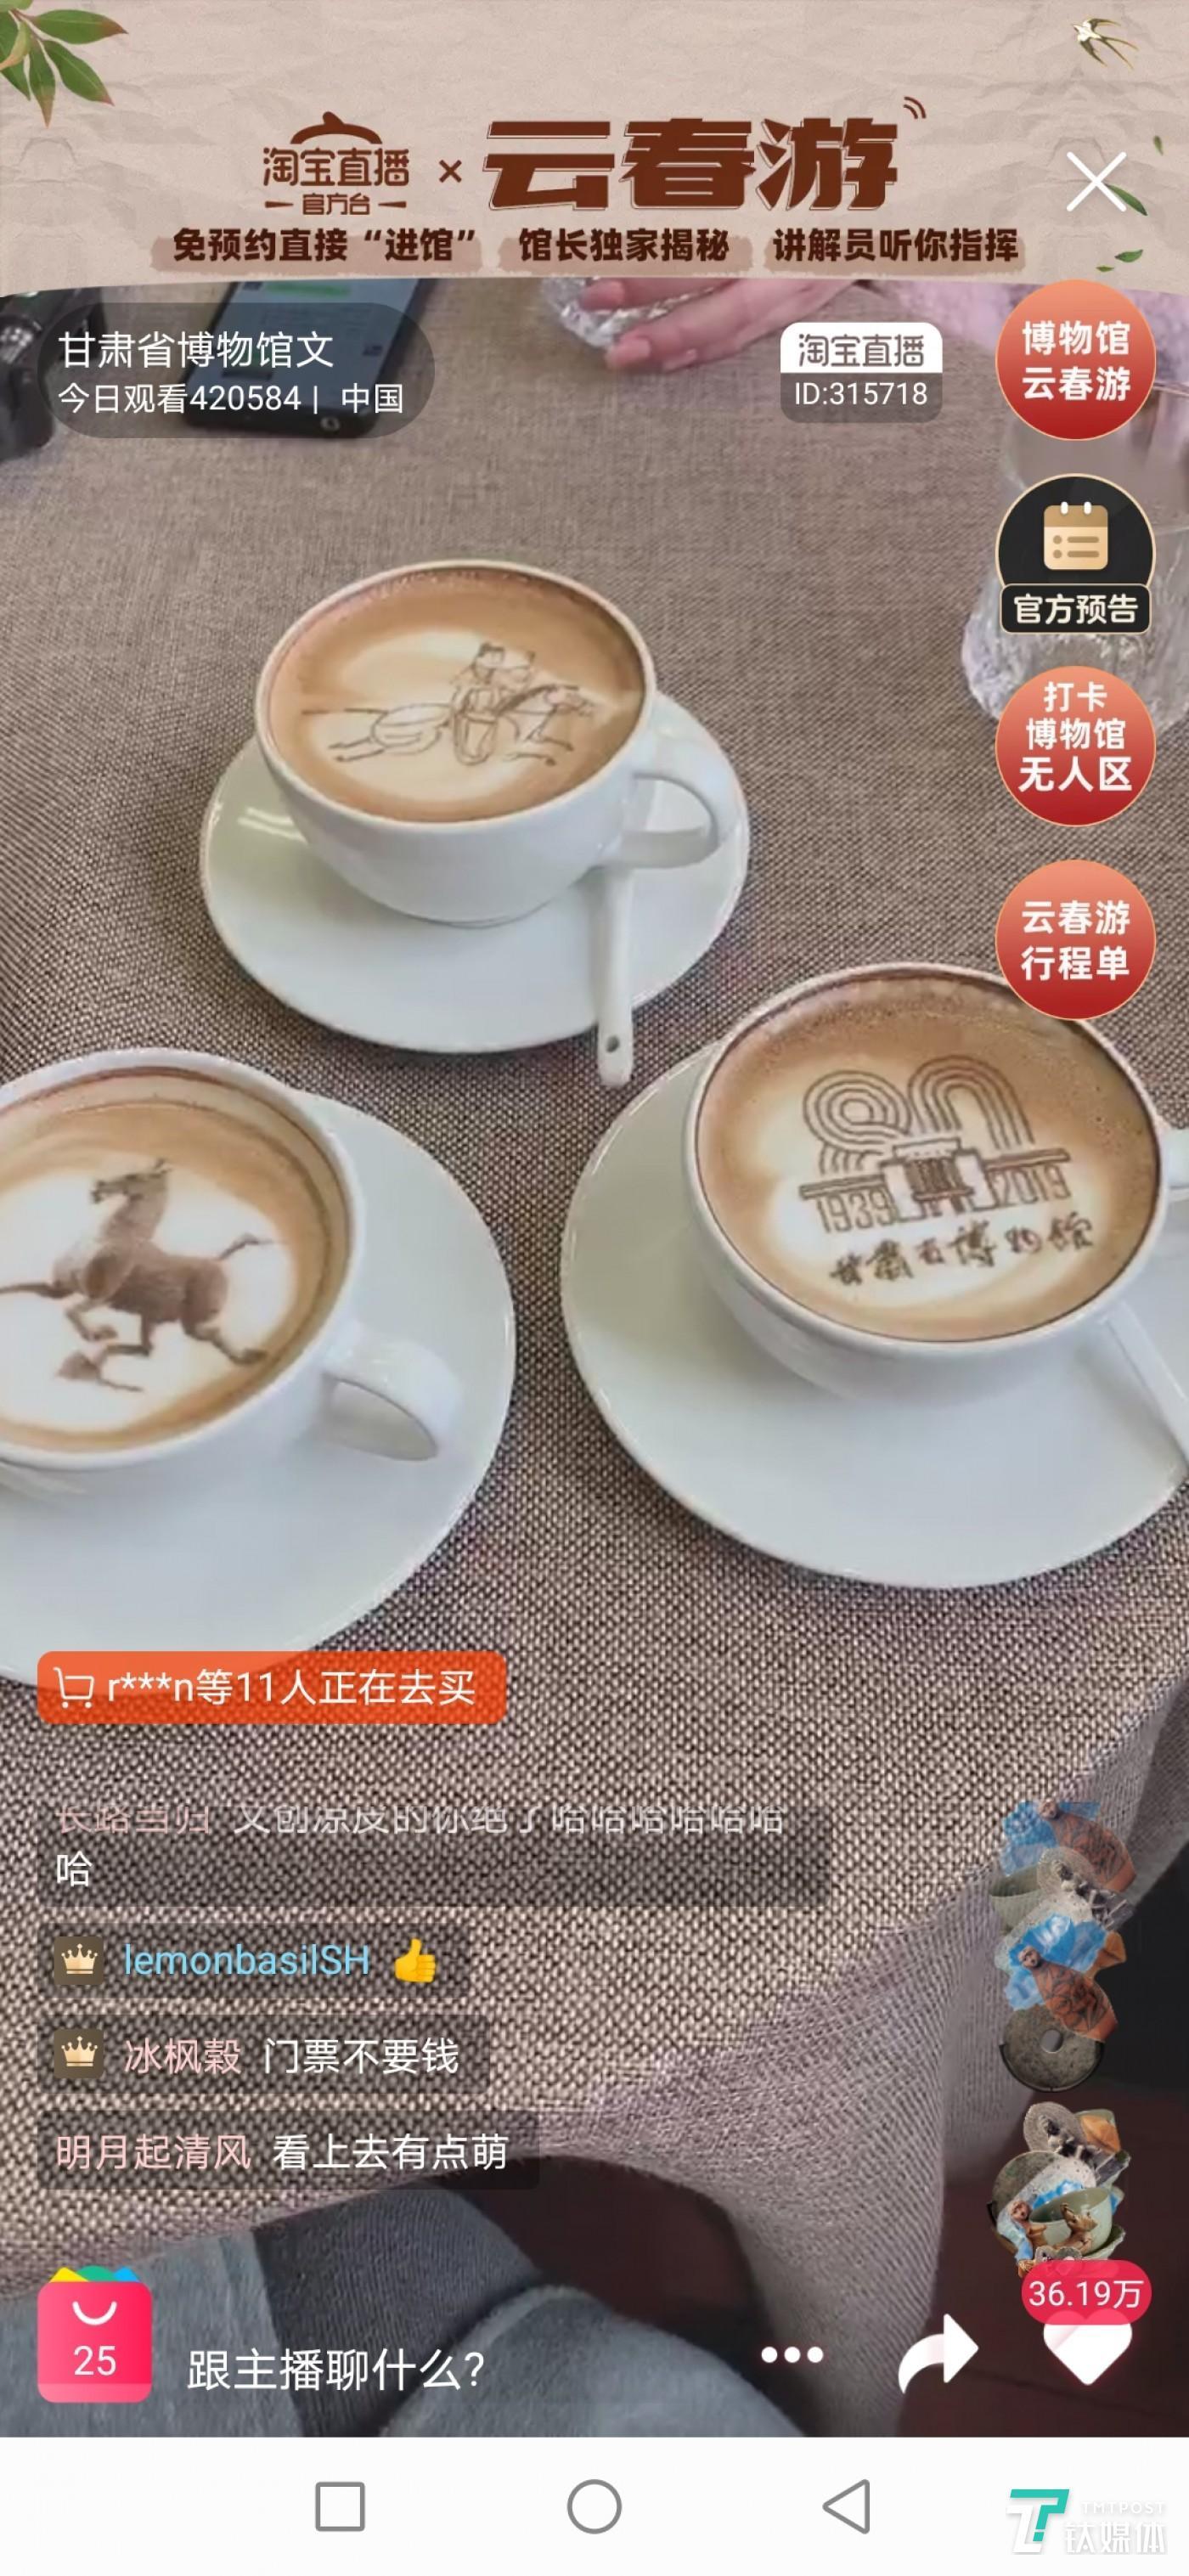 甘肃博物馆咖啡馆